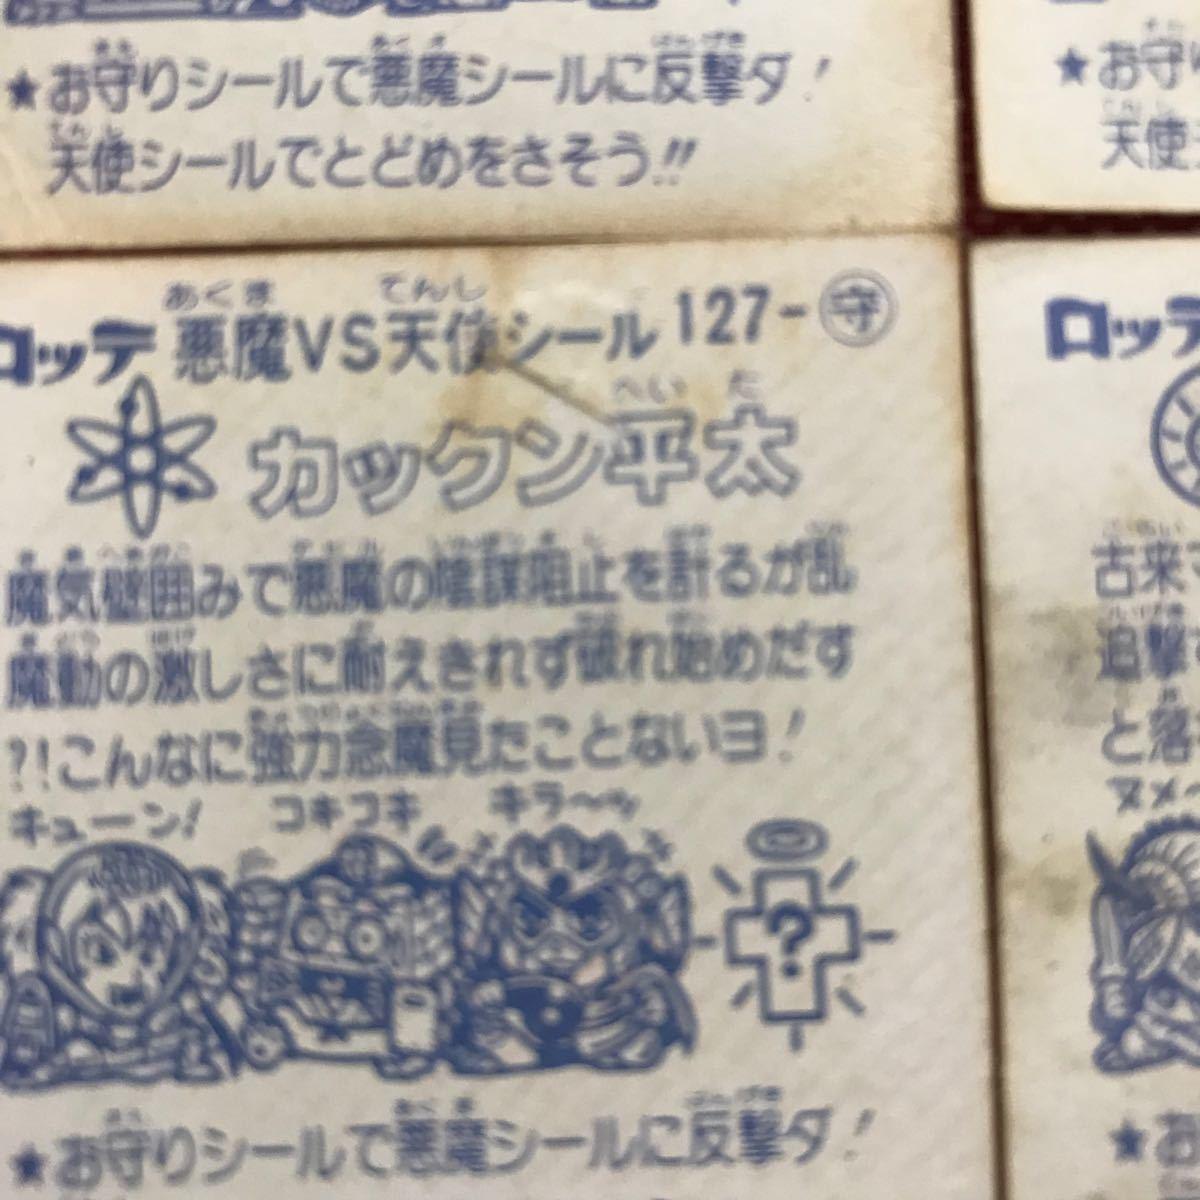 【フルコンプ】ビックリマンシール第11弾 旧ビックリマン